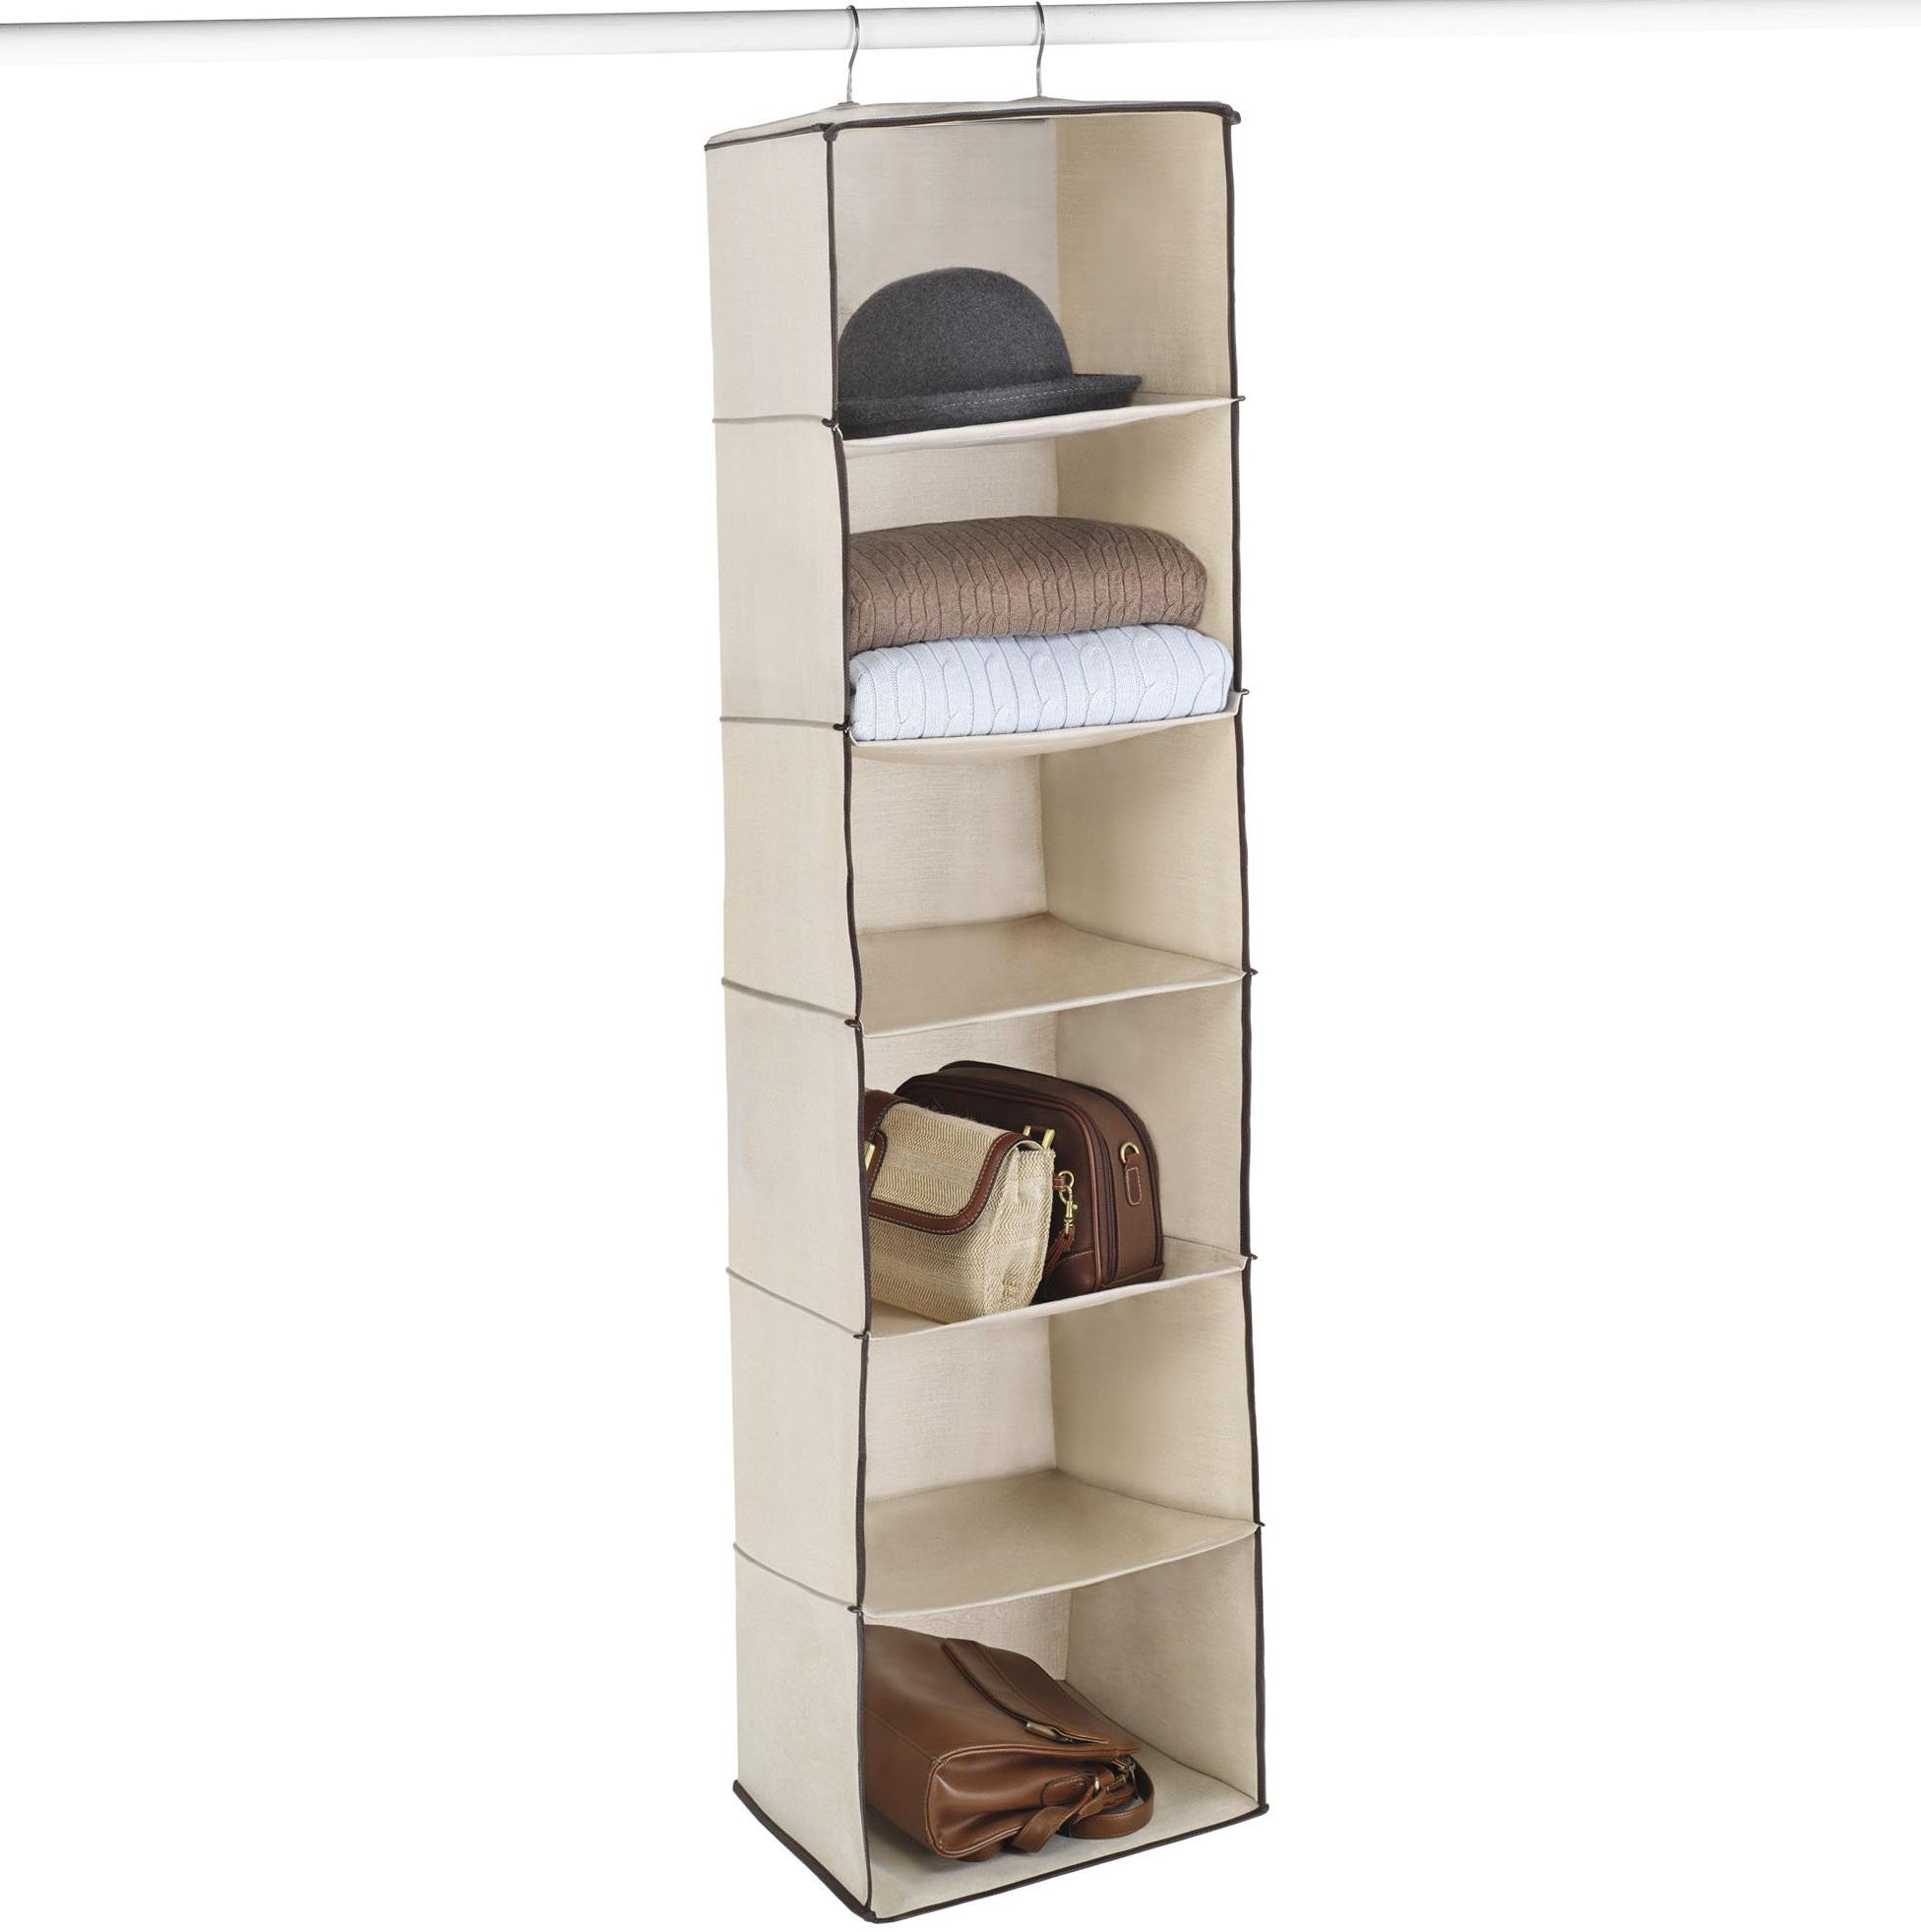 Hanging Shelves For Closet